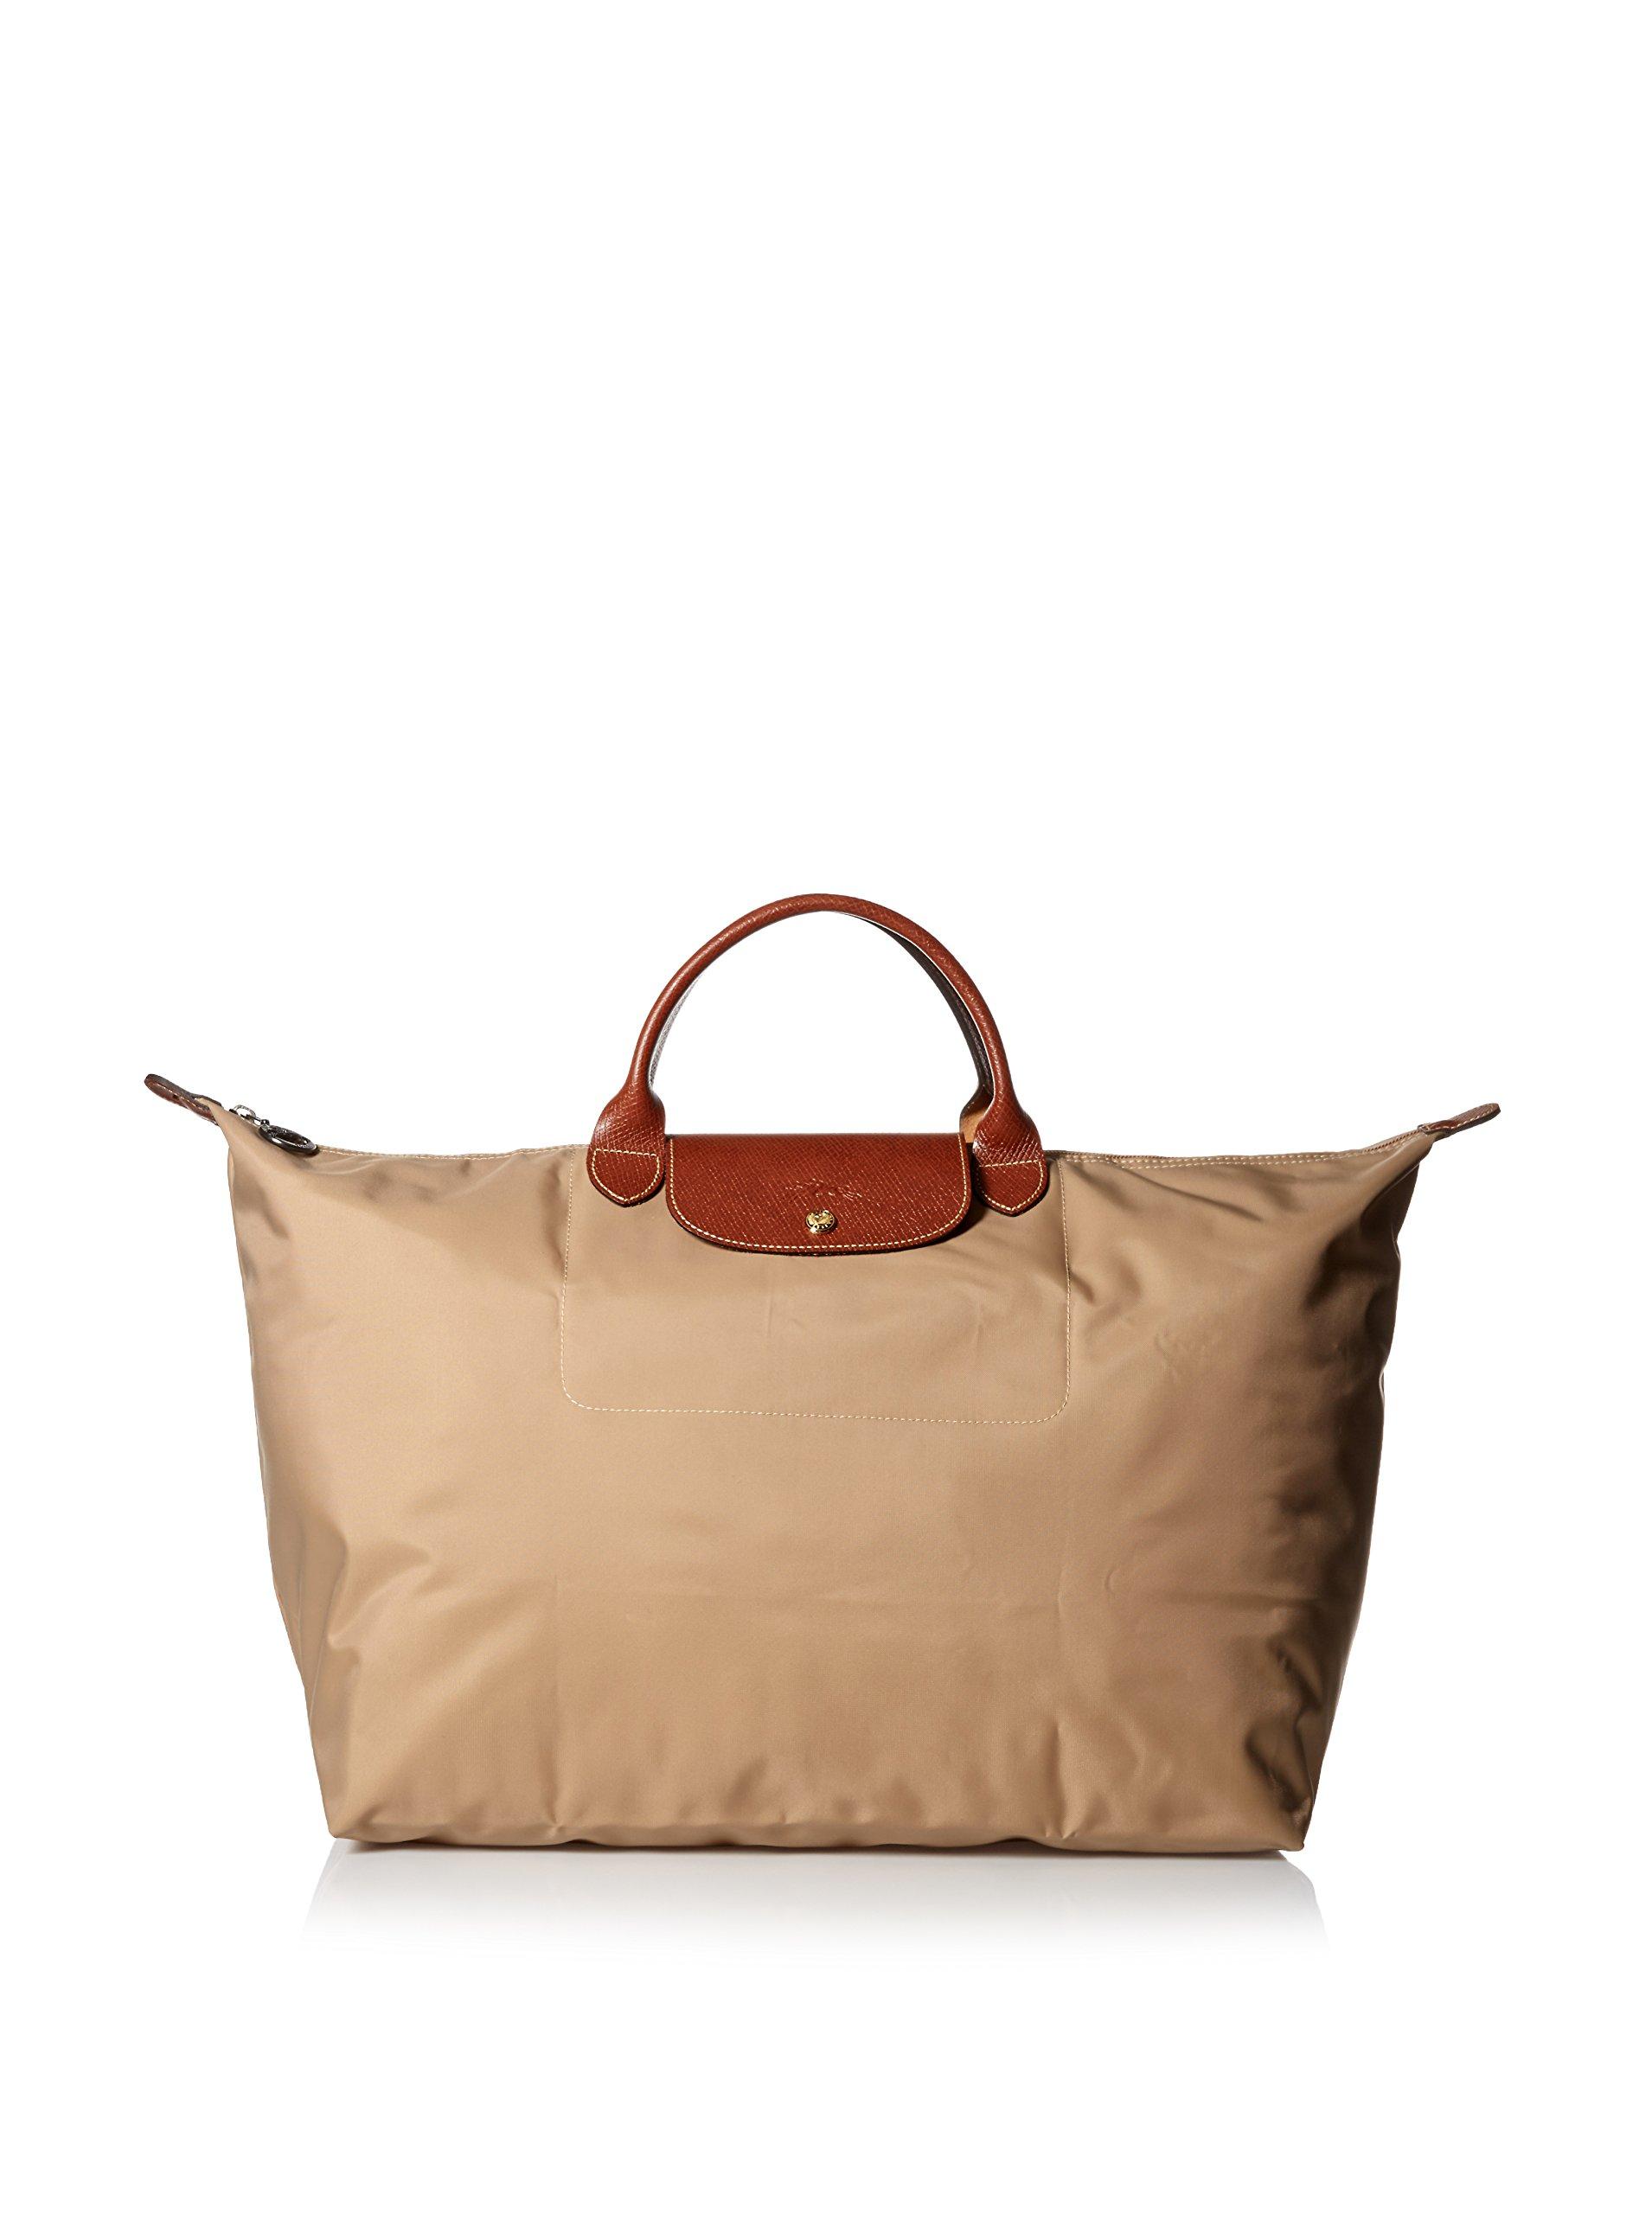 Longchamp Le Pliage Large Travel Bag, Beige, 17.75'' x 13.75'' x 9''